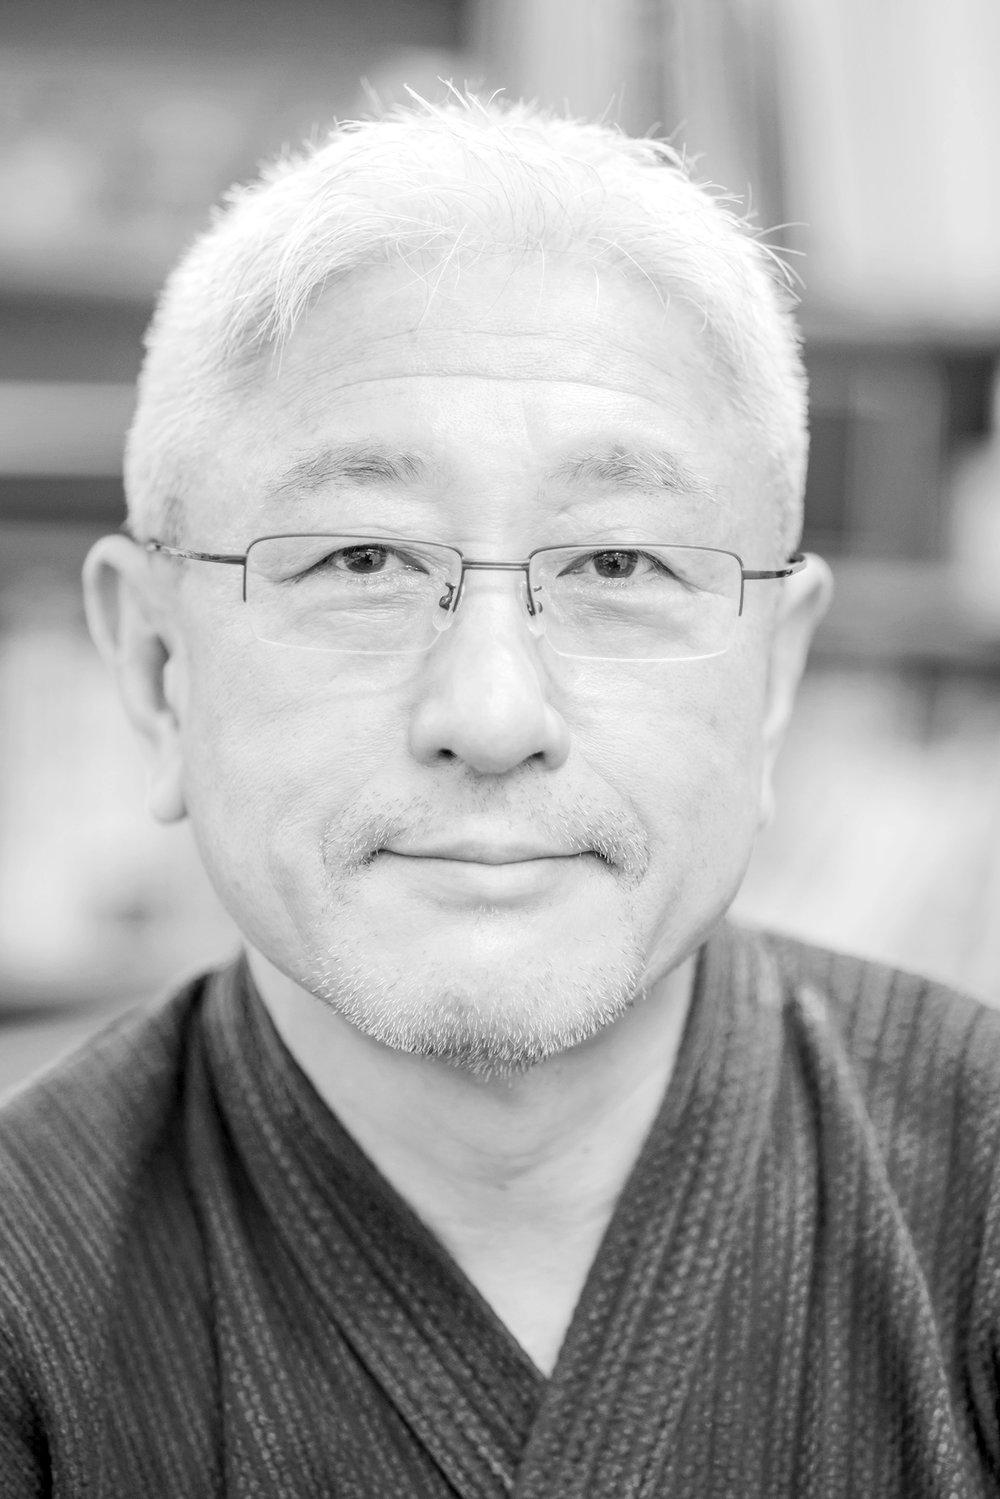 Yahagi KunikazuSoke Ryushin Shouchi Ryu - 8. DAN HANSHI IMAF7. DAN KYOSHI KENDO (AJKF)